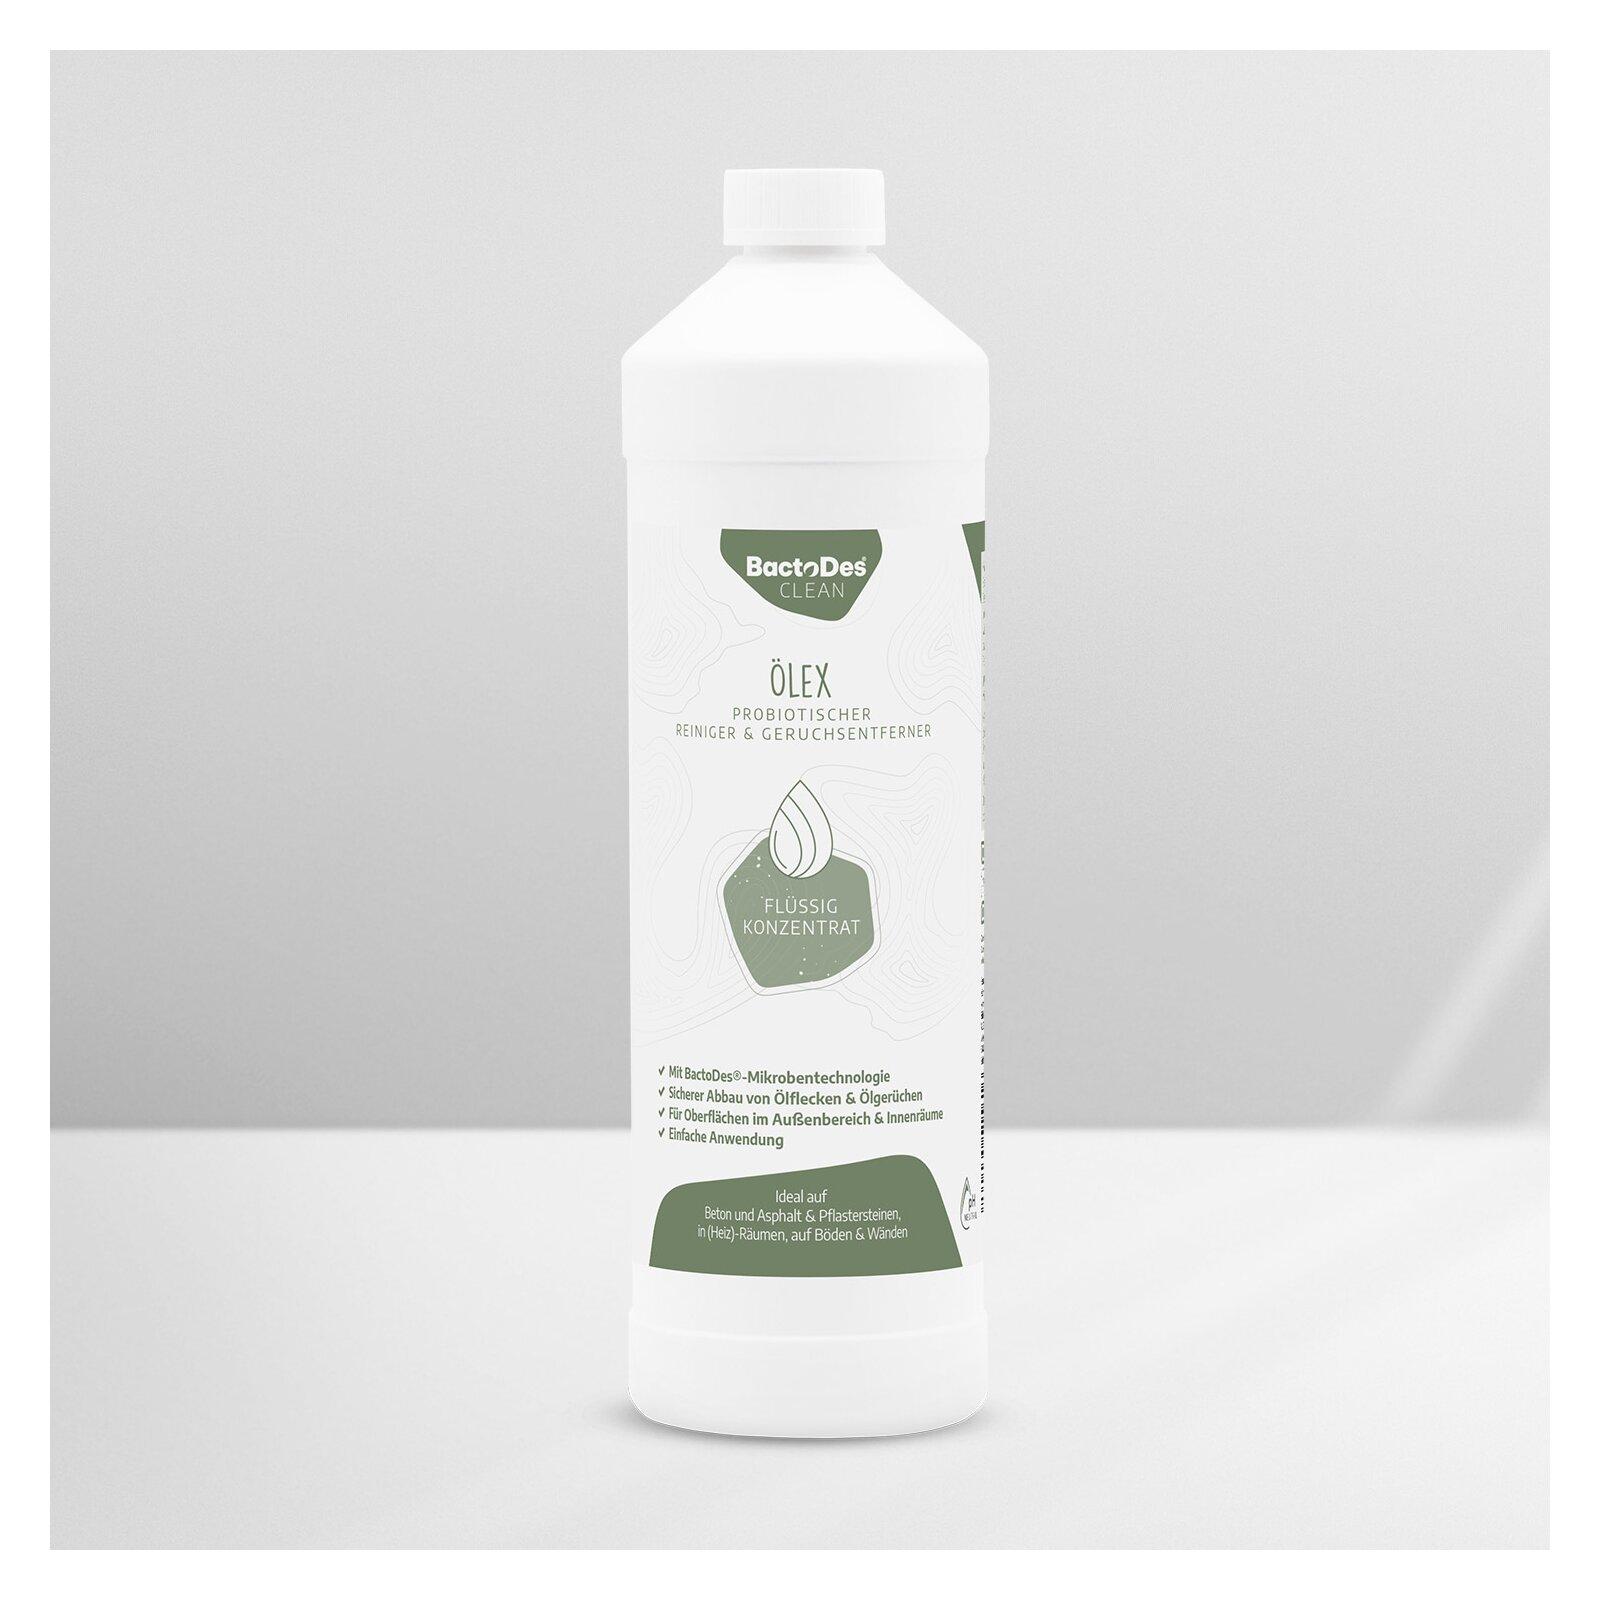 BactoDesÖlex Geruchsentferner von Heizölgeruch und Ölfleckenentferner 1L